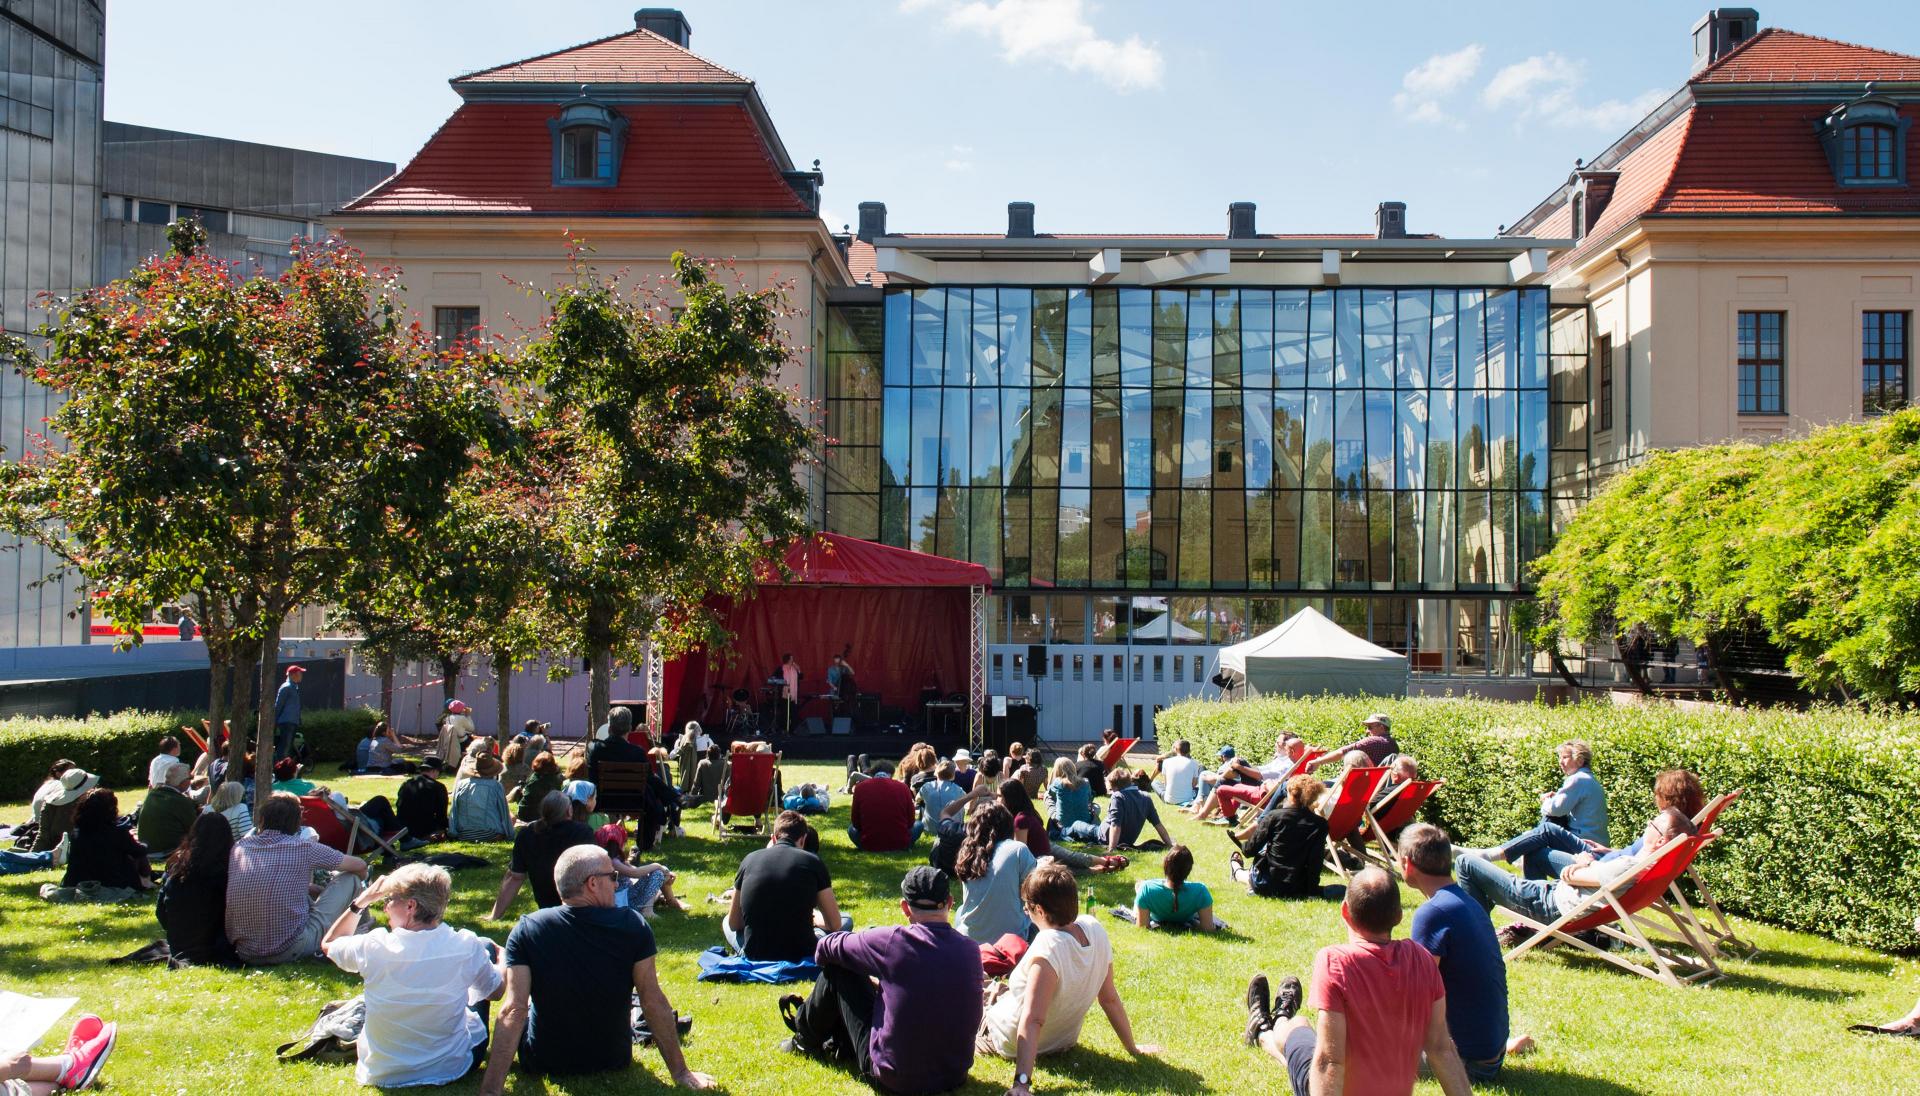 Foto vom Sommerfest im Garten des Museums. Besucher*innen sitzen in der Sonne auf dem Rasen und schauen in Richtung einer kleinen Bühne.